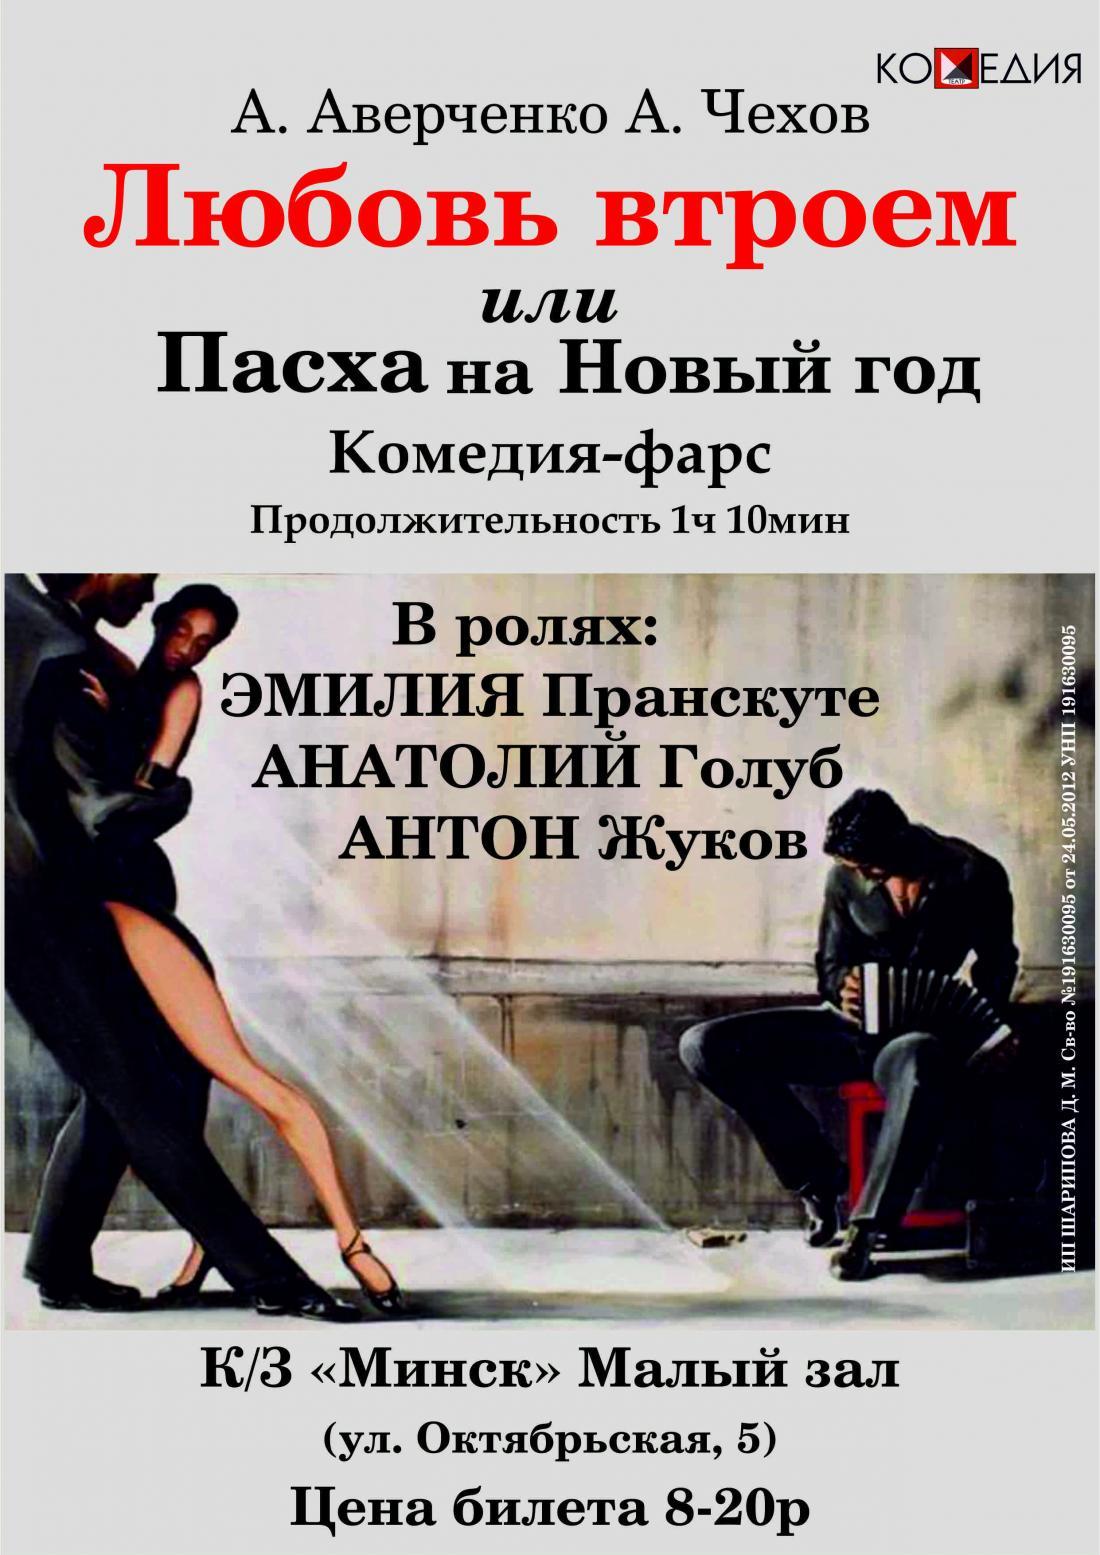 """25 ноября спектакль """"Любовь втроем или Пасха на Новый год"""" от 4 руб."""